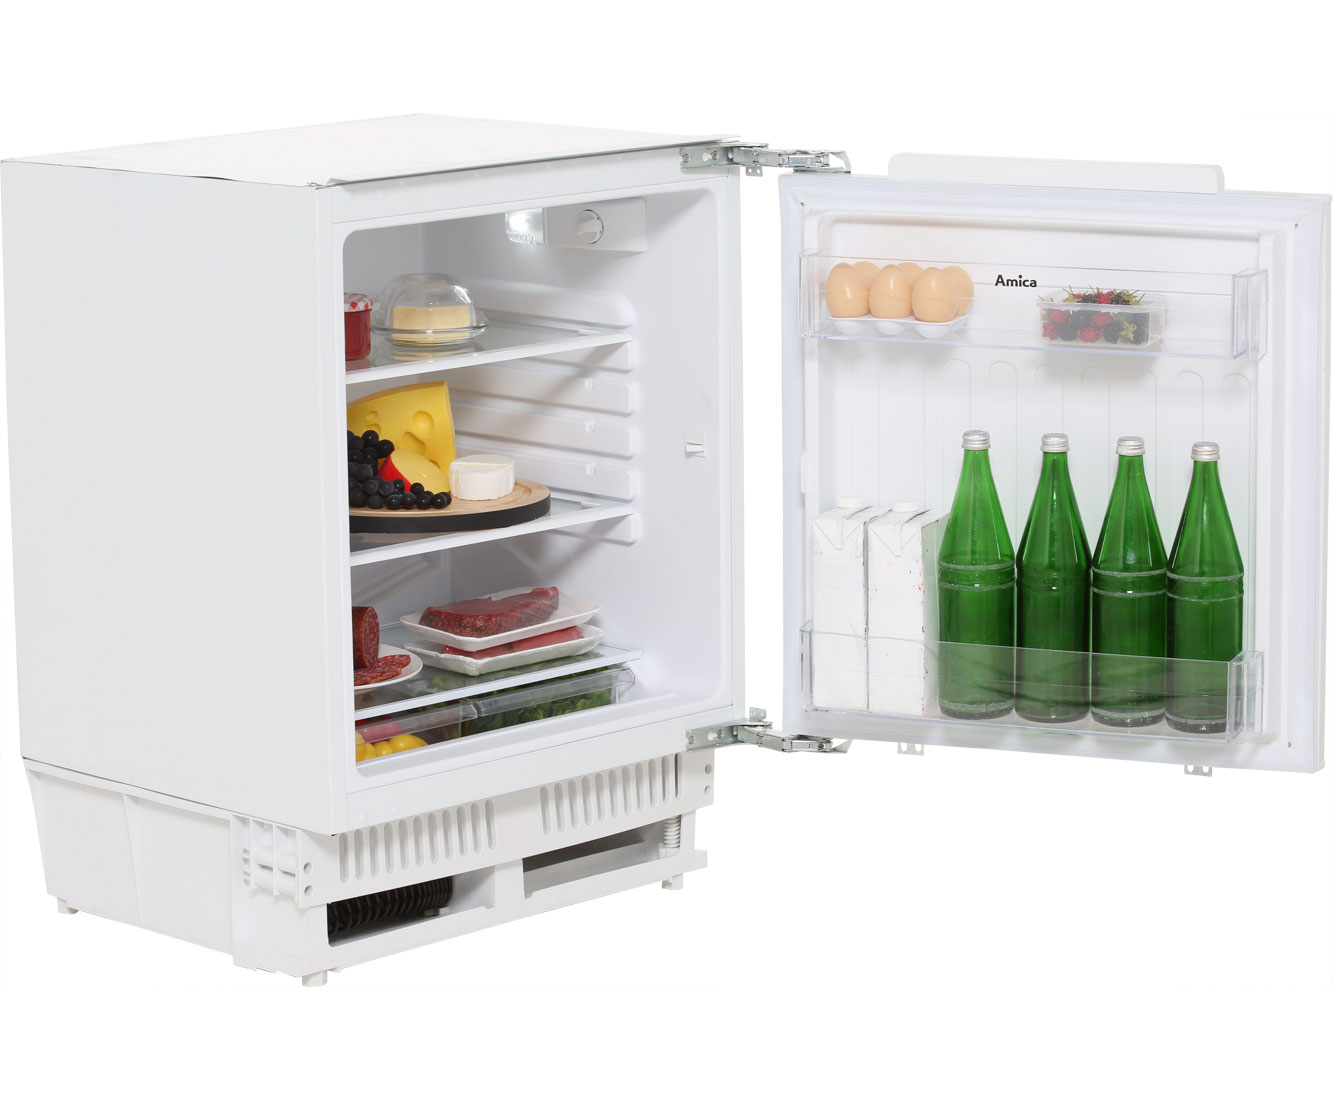 Liebherr Mini Kühlschrank Mit Glastüre : Liebherr mini kühlschrank mit glastüre kühlschrank abschließbar u